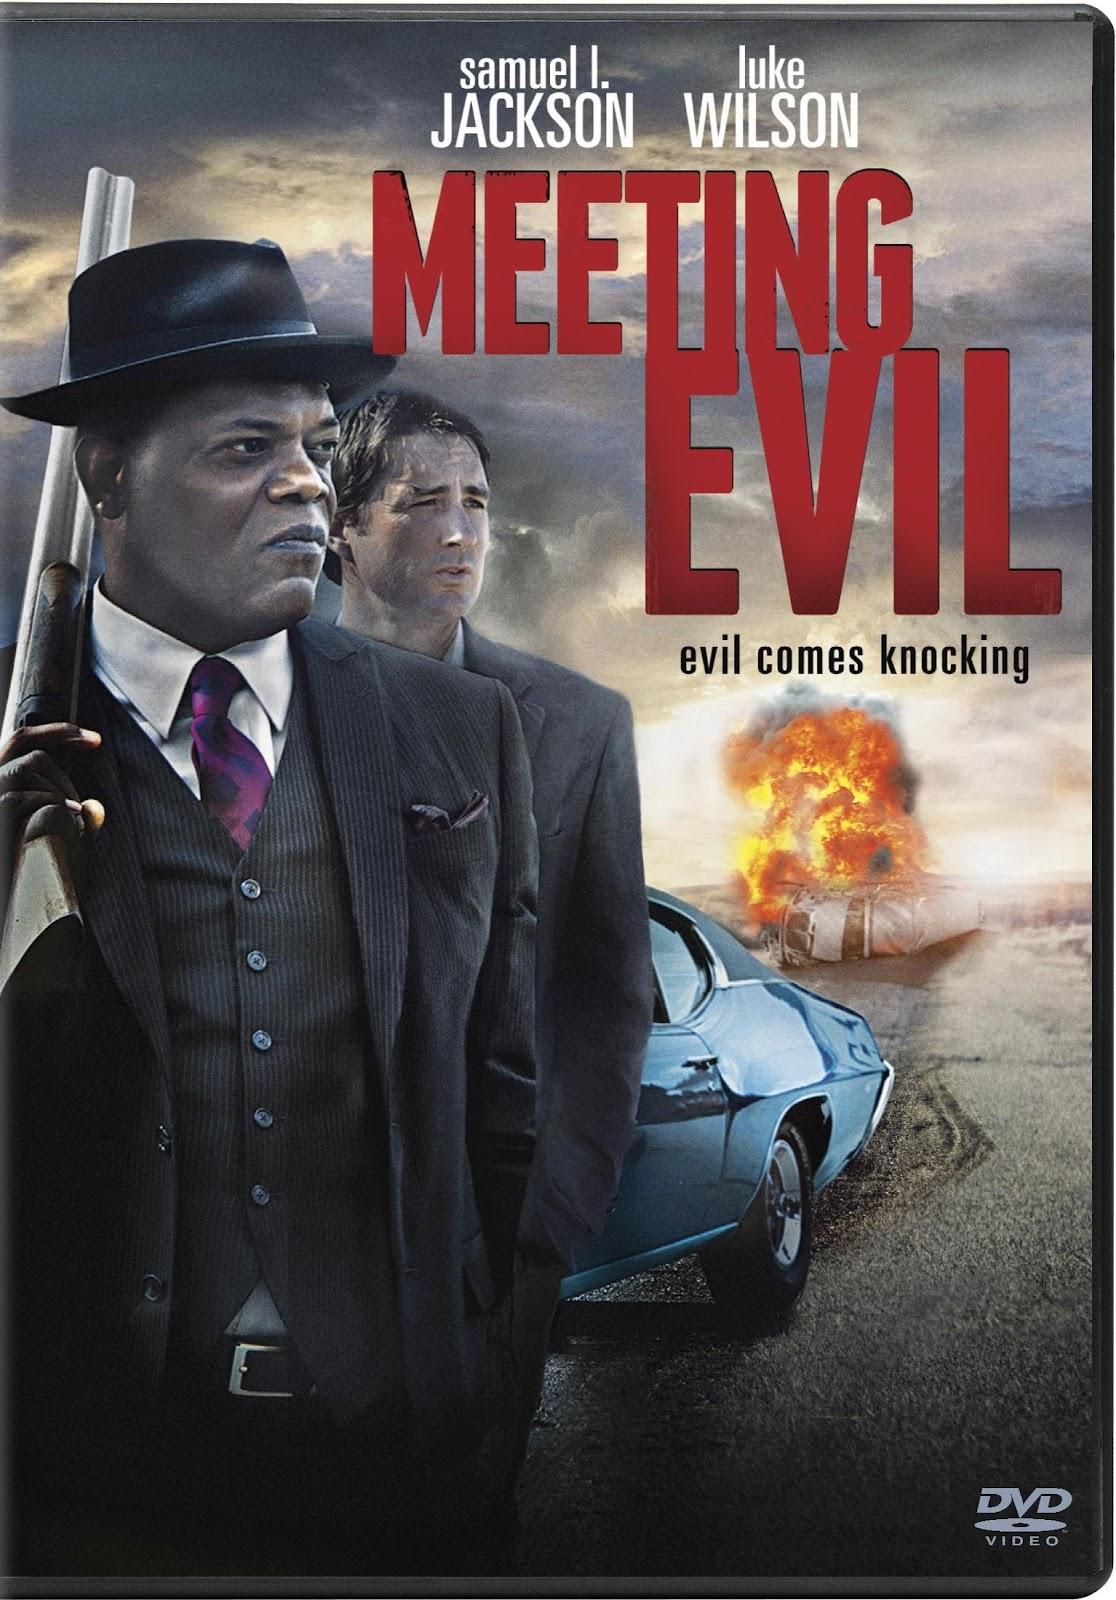 El rostro del mal  - Thomas Berger 585+-+Meeting+Evil